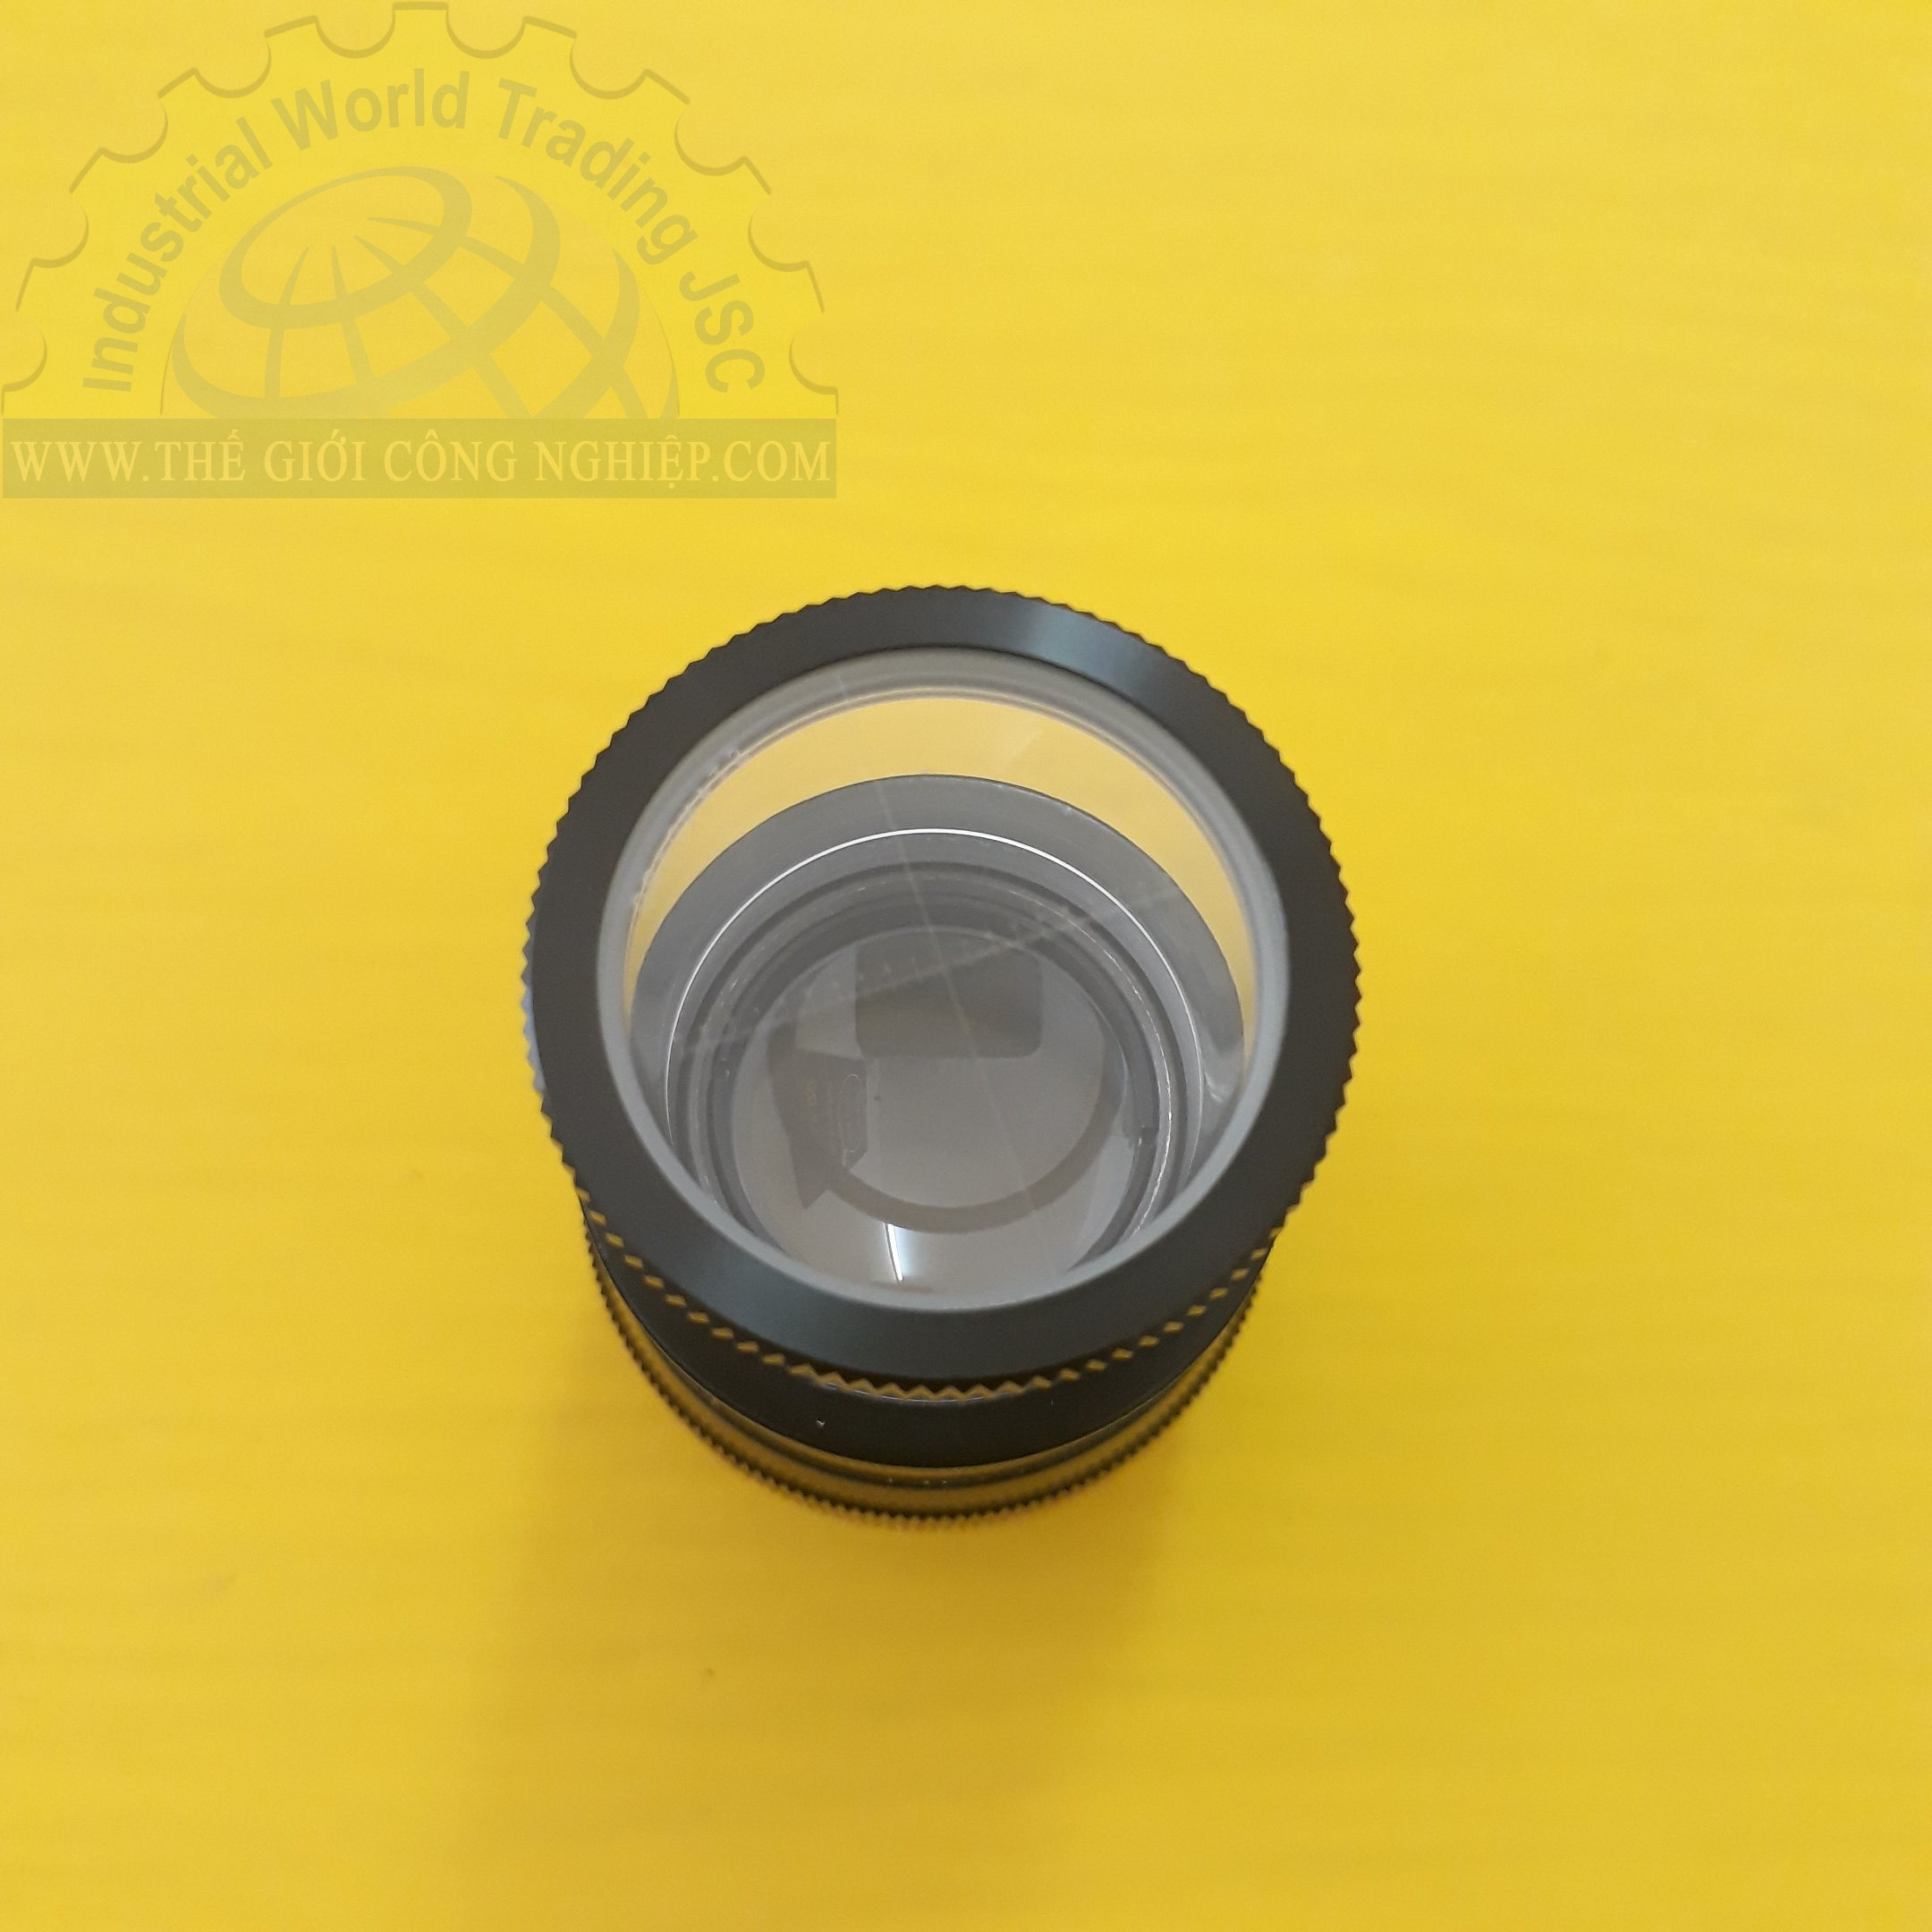 Kính lúp cầm tay có thước đo tiêu chuẩn , độ phóng đại 7X kính lúp 7x, Scale Loupe 1975 PEAK